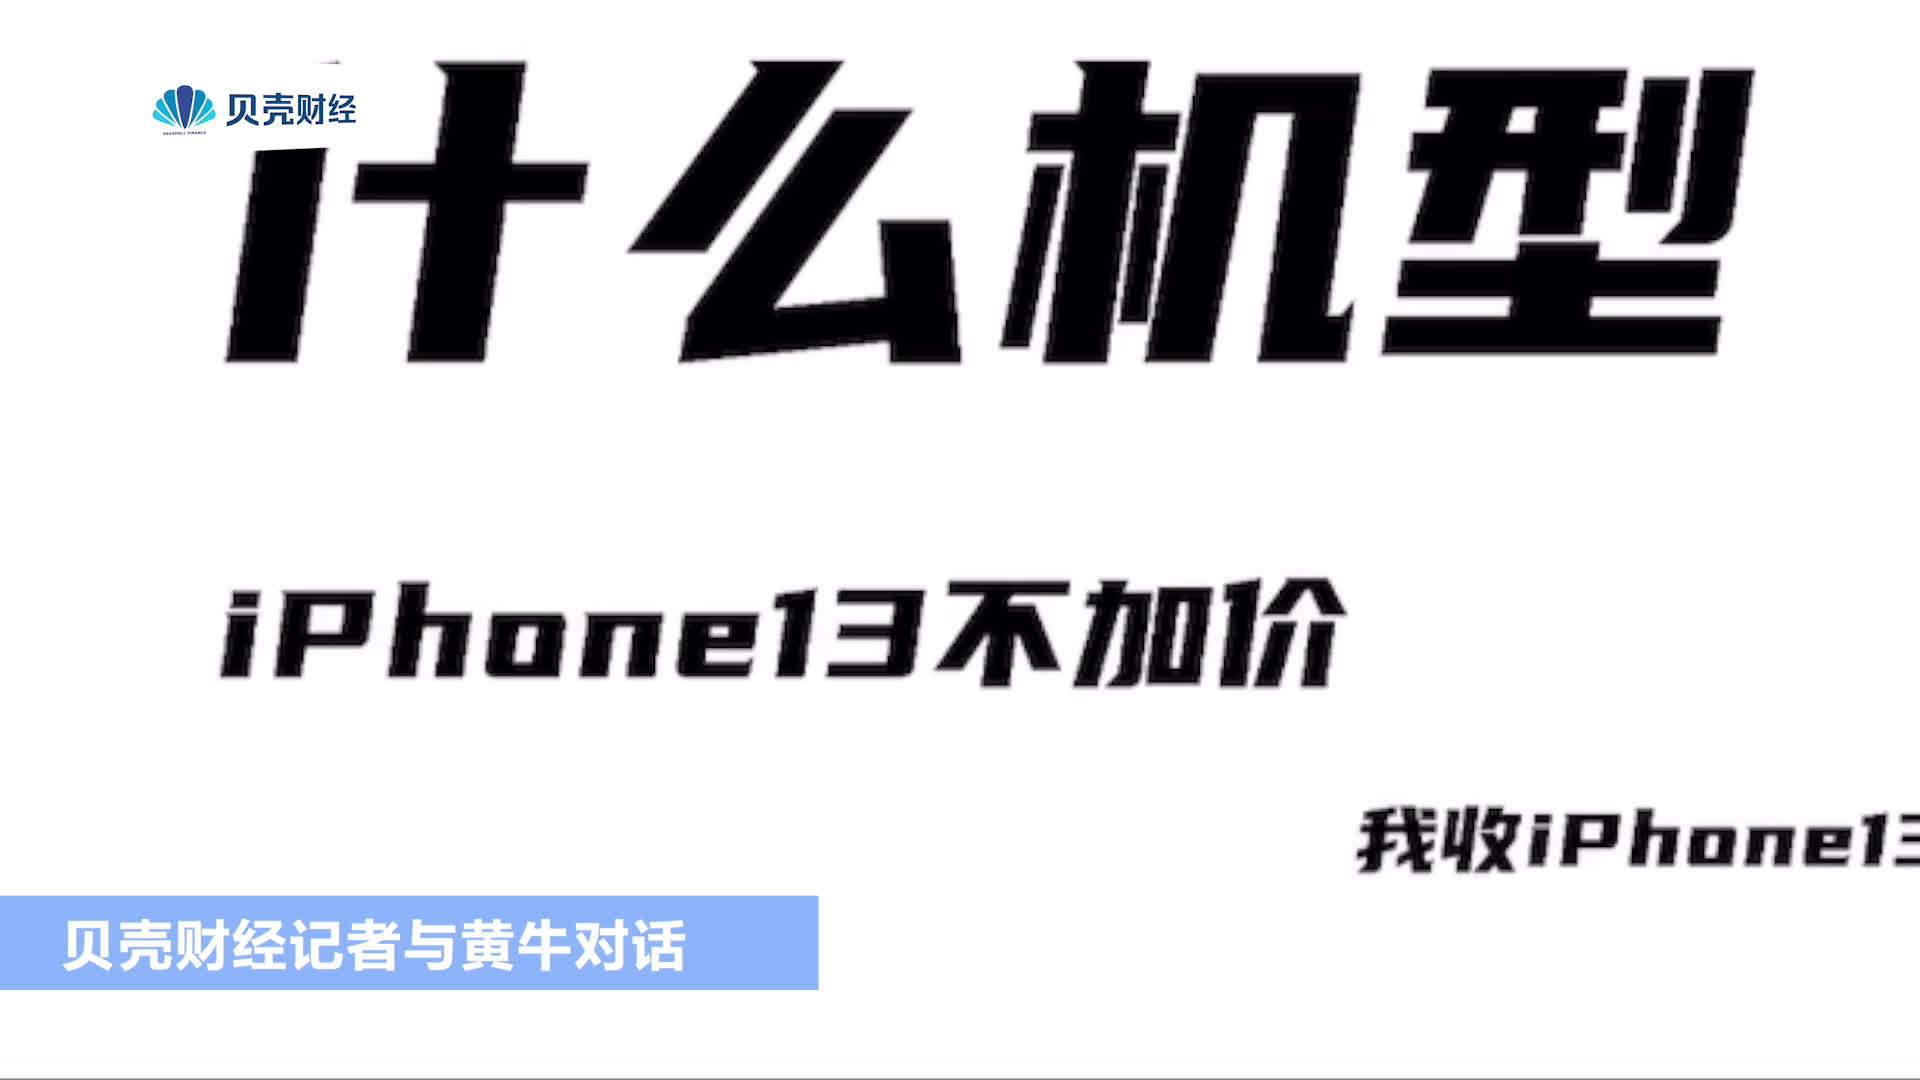 记者实探iPhone13发售现场 黄牛称部分机型加价1000元